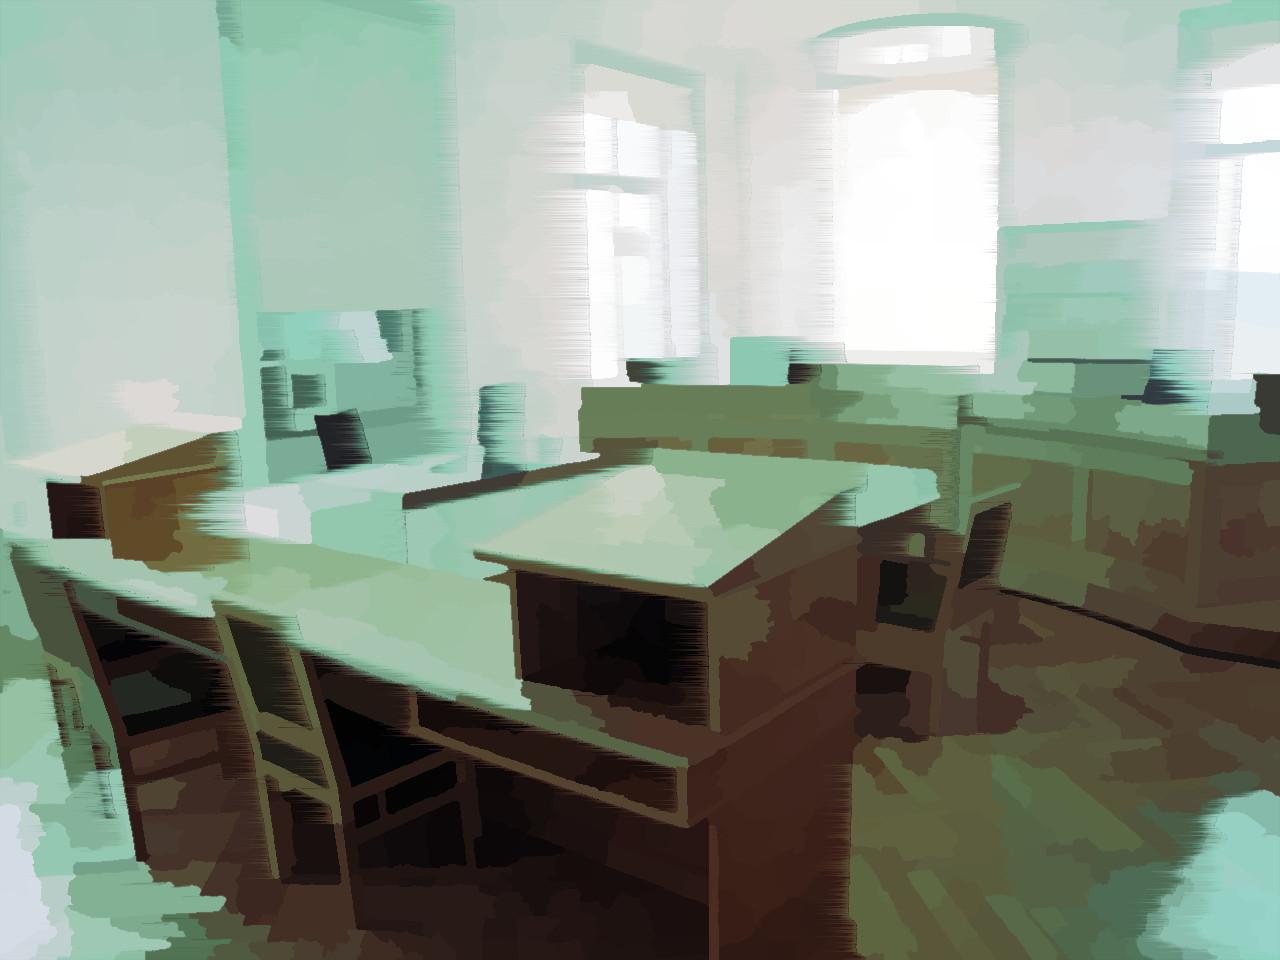 Datenschutzrecht – 1.500€ Schadensersatz nach DSGVO – ArbG Dresden vom 26. August 2020, Az. 13 Ca 1046/20